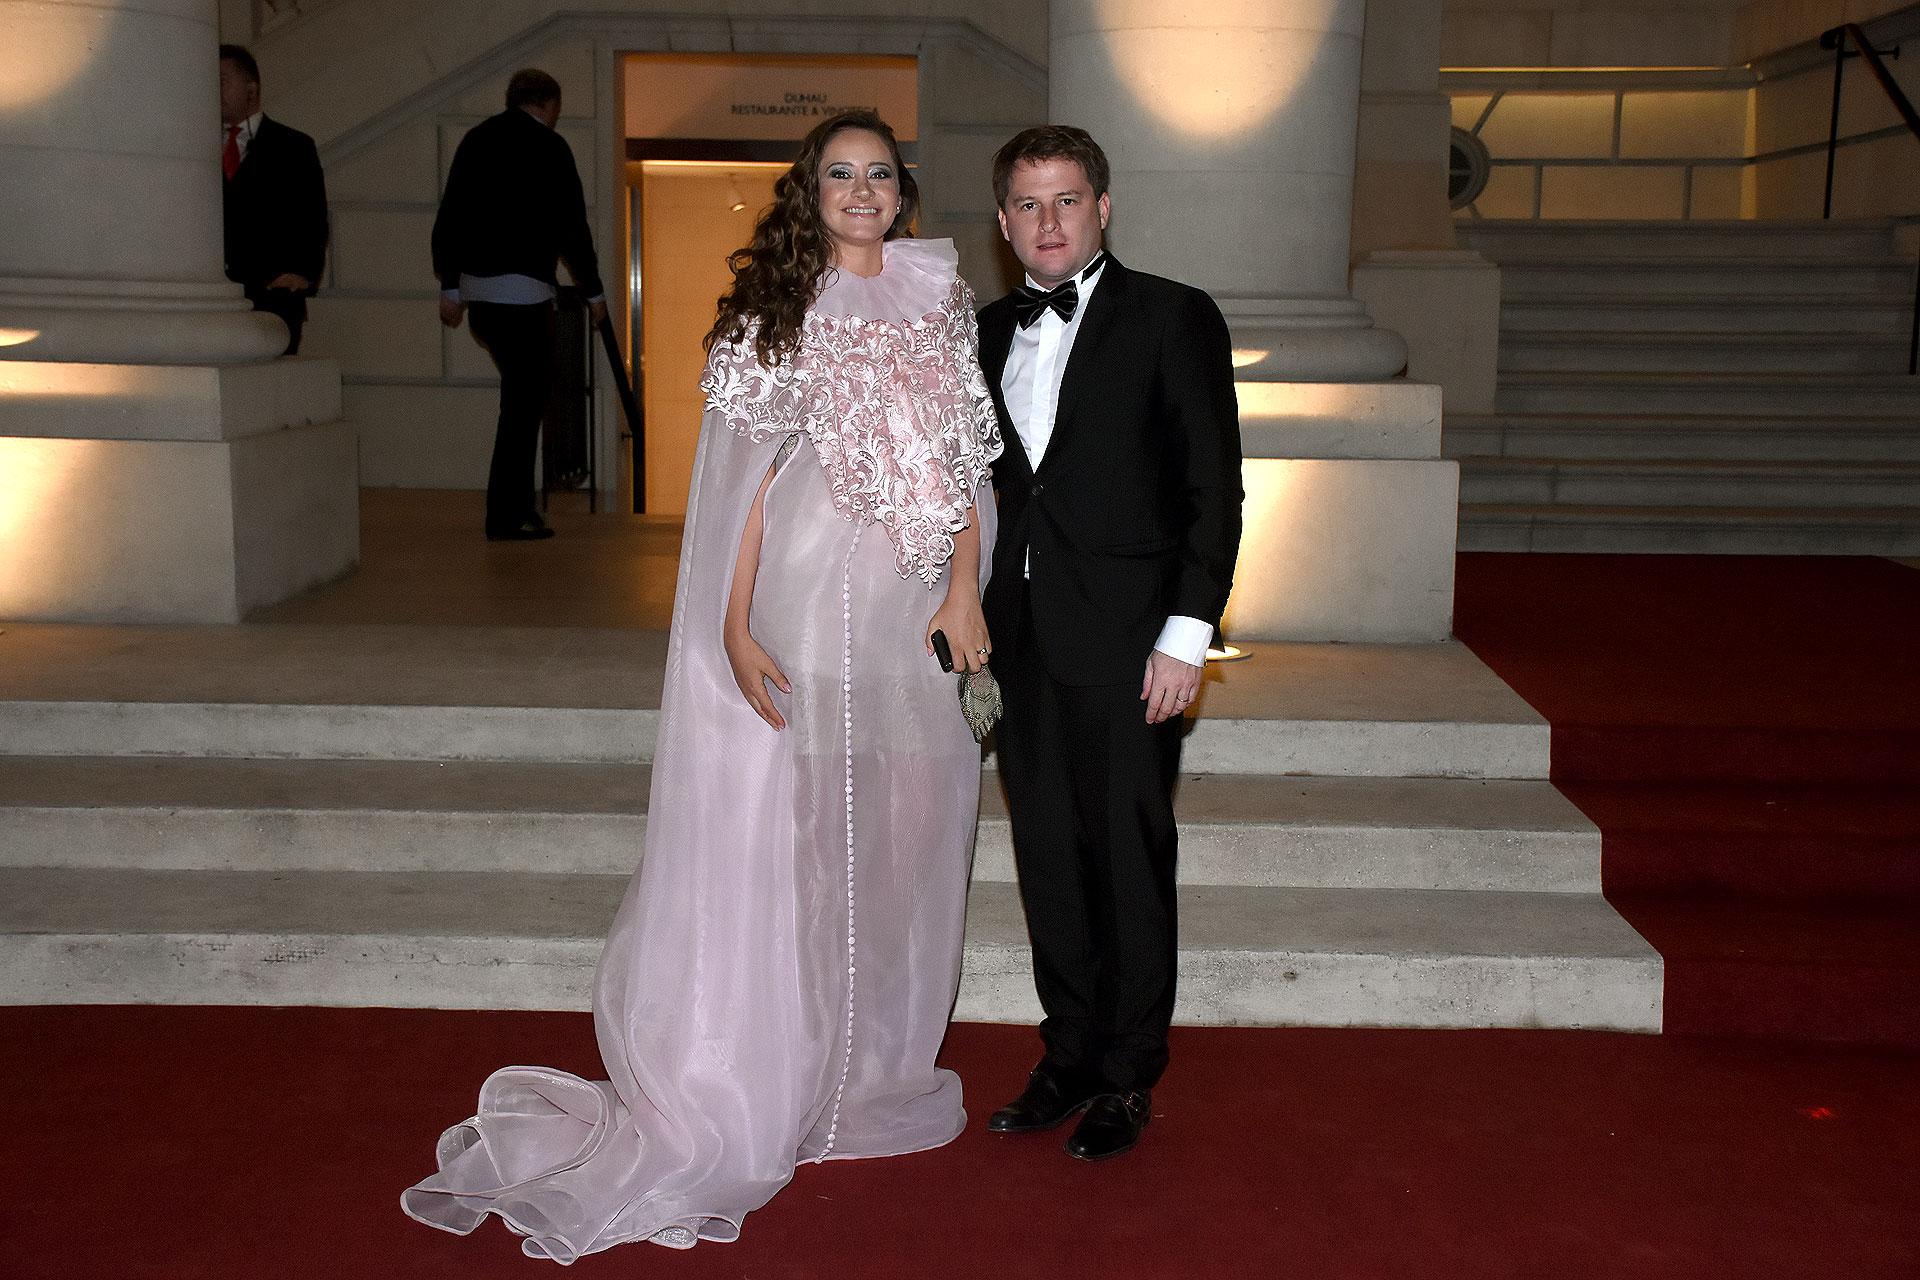 Alex Campbell, subsecretario de Gobierno y Asuntos Municipales de la provincia de Buenos Aires, y su mujer Melina Gadano